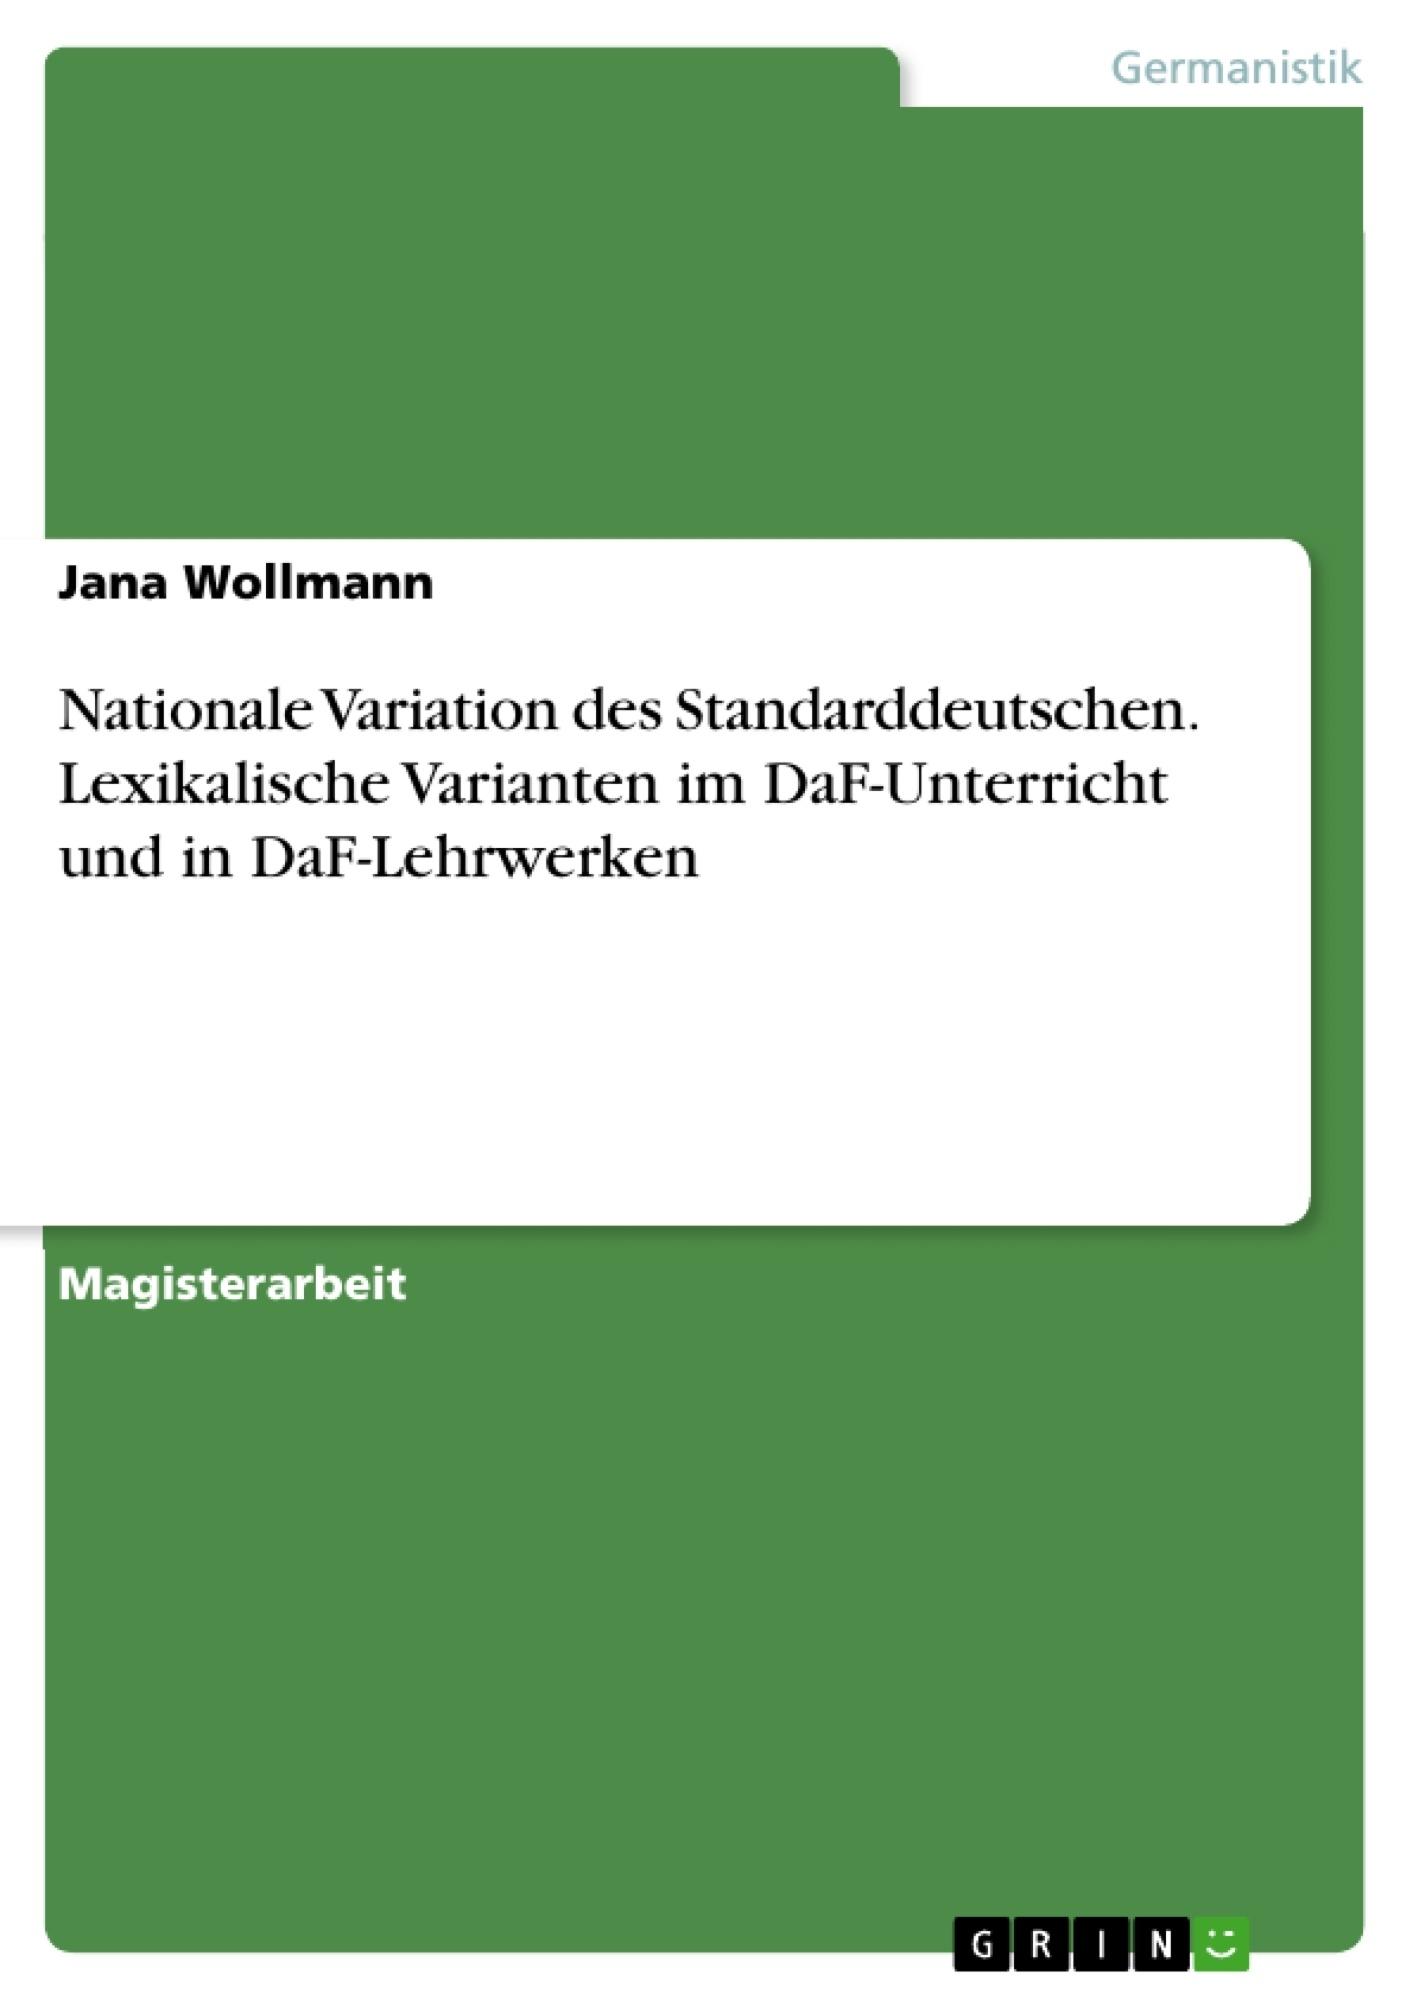 Titel: Nationale Variation des Standarddeutschen. Lexikalische Varianten im DaF-Unterricht und in DaF-Lehrwerken